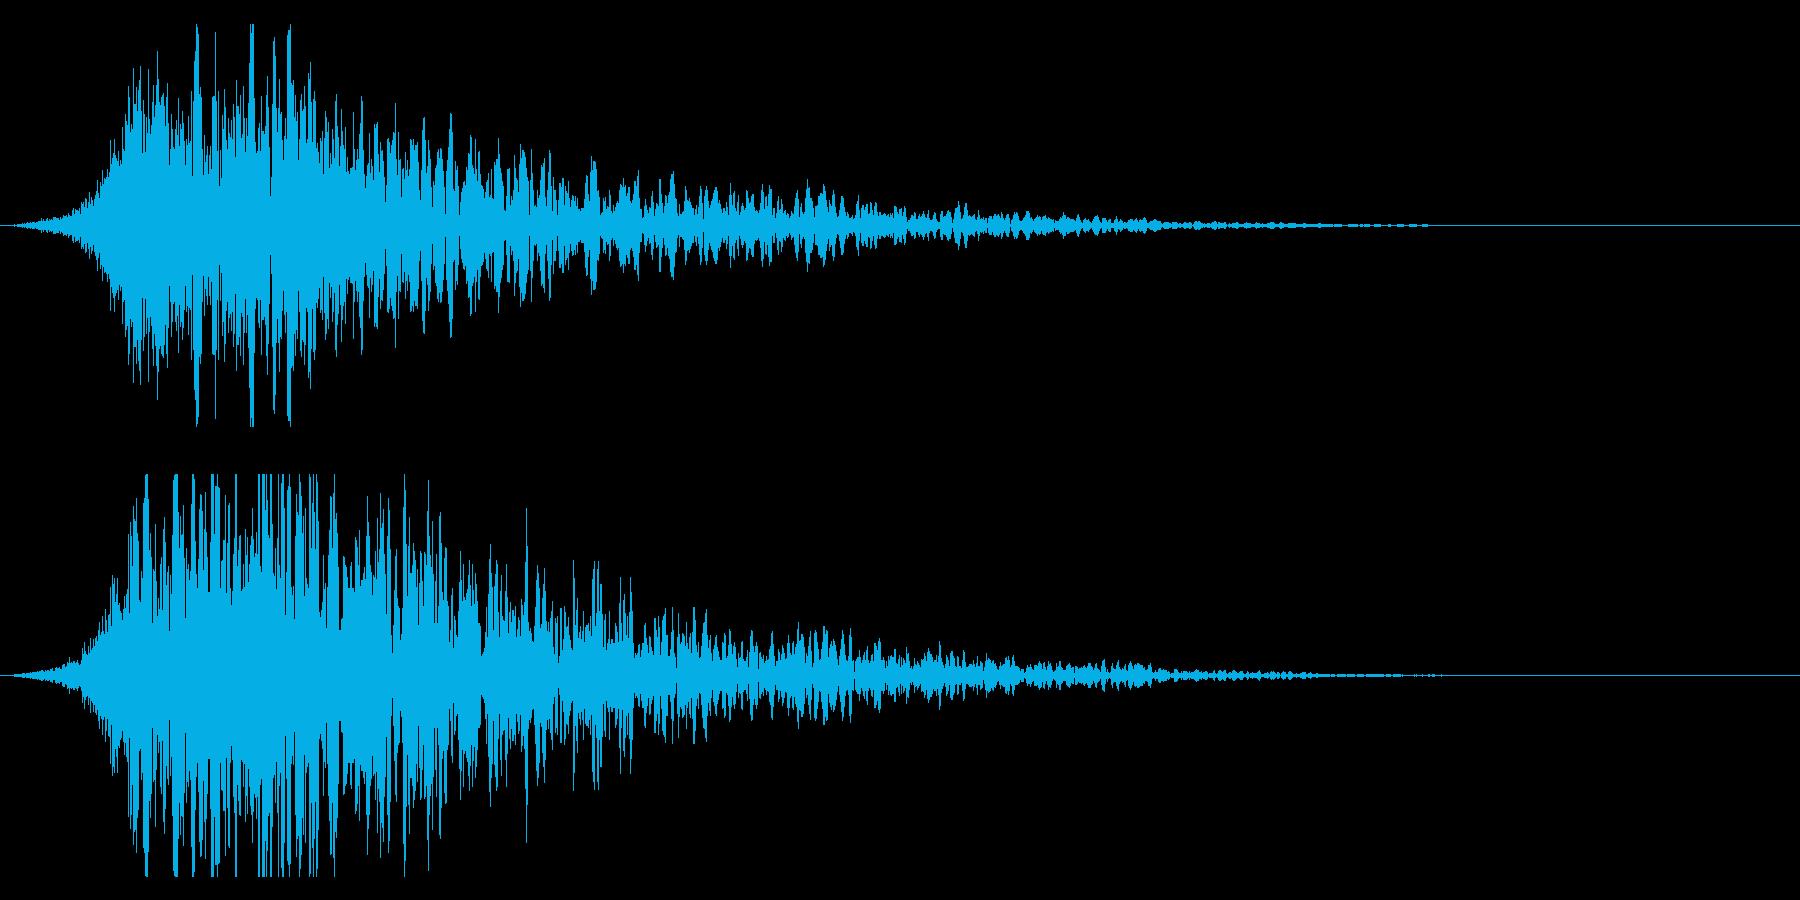 シュードーン-18-2(インパクト音)の再生済みの波形